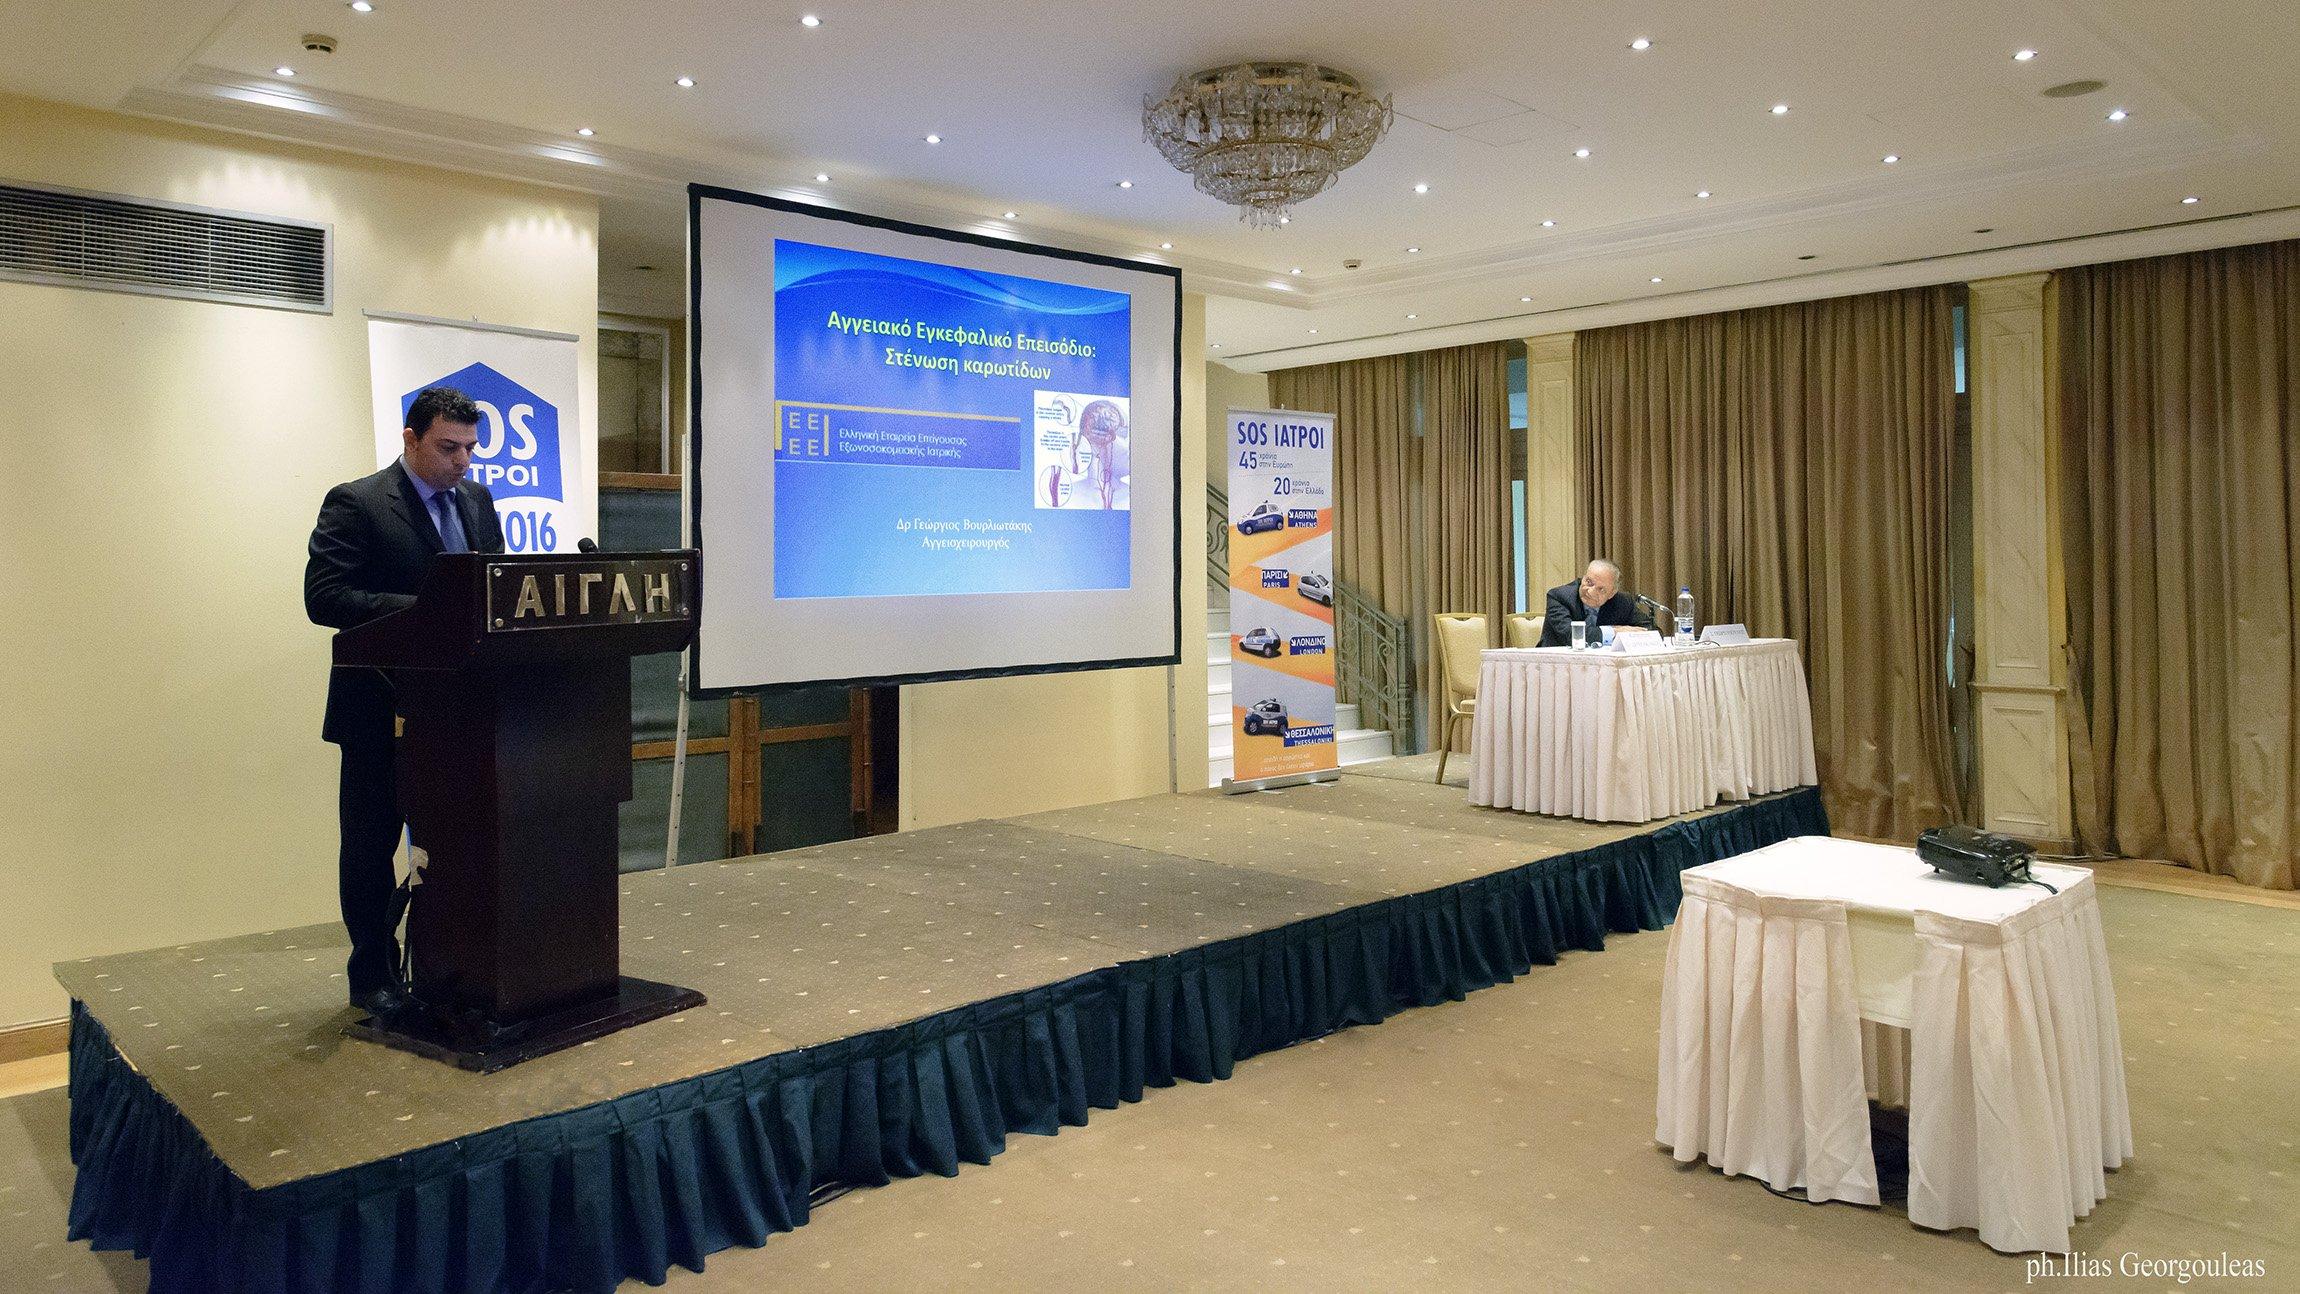 Γ' Επιστημονικό Συνέδριο της ΕΕΕΕΙ